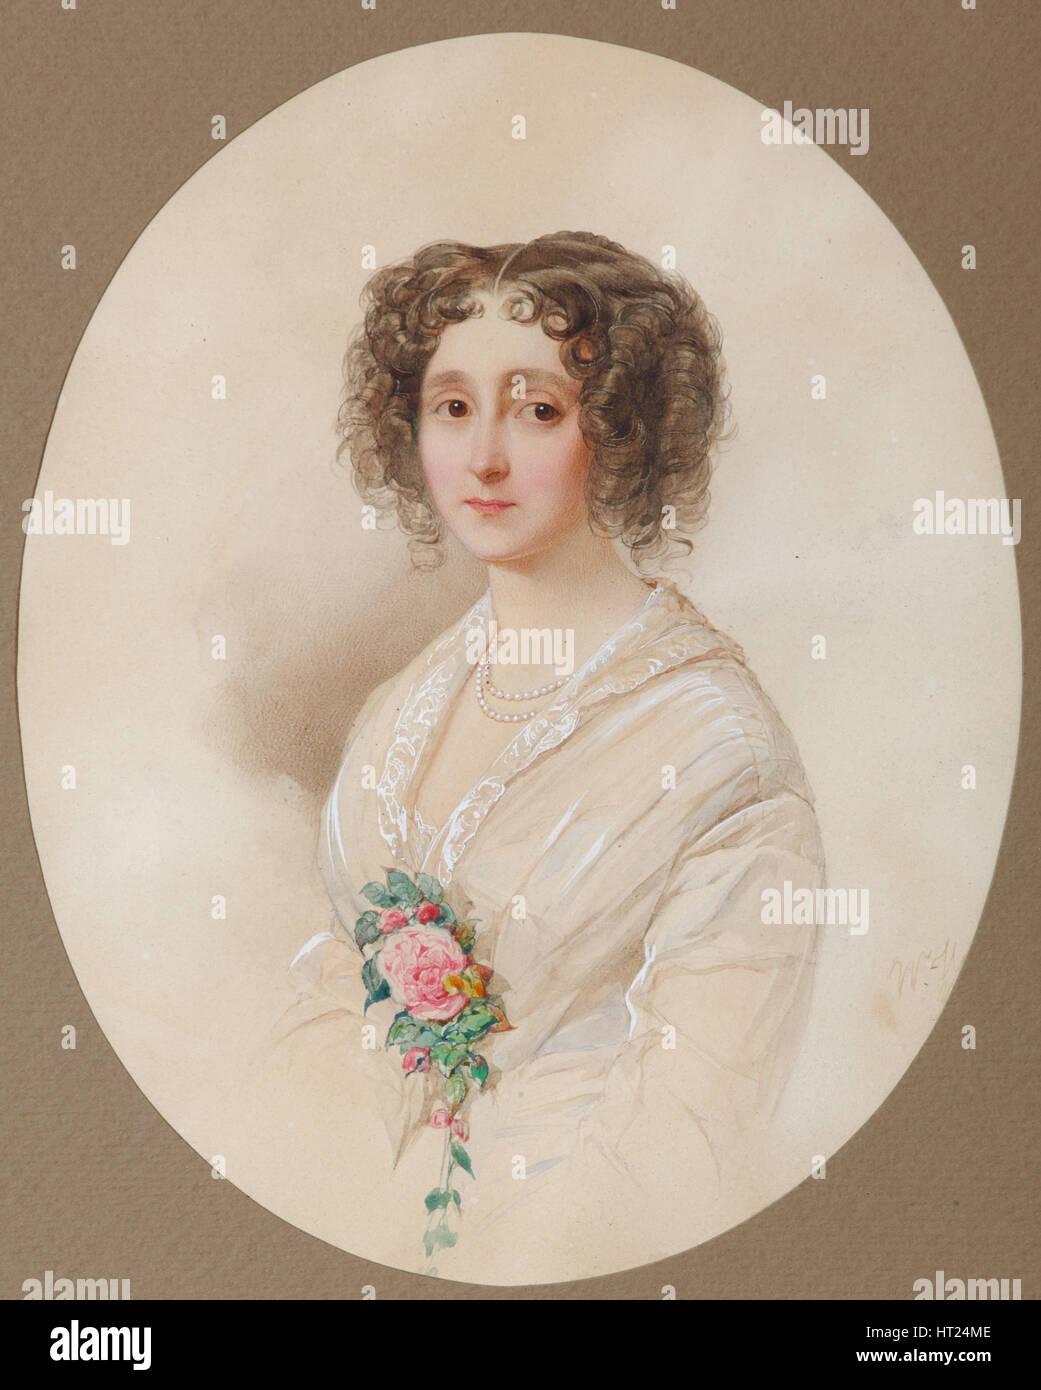 Portrait of Alexandra Mikhaylovna Chelishcheva (1816-1913), 1851. Artist: Hau (Gau), Vladimir Ivanovich (1816-1895) Stock Photo